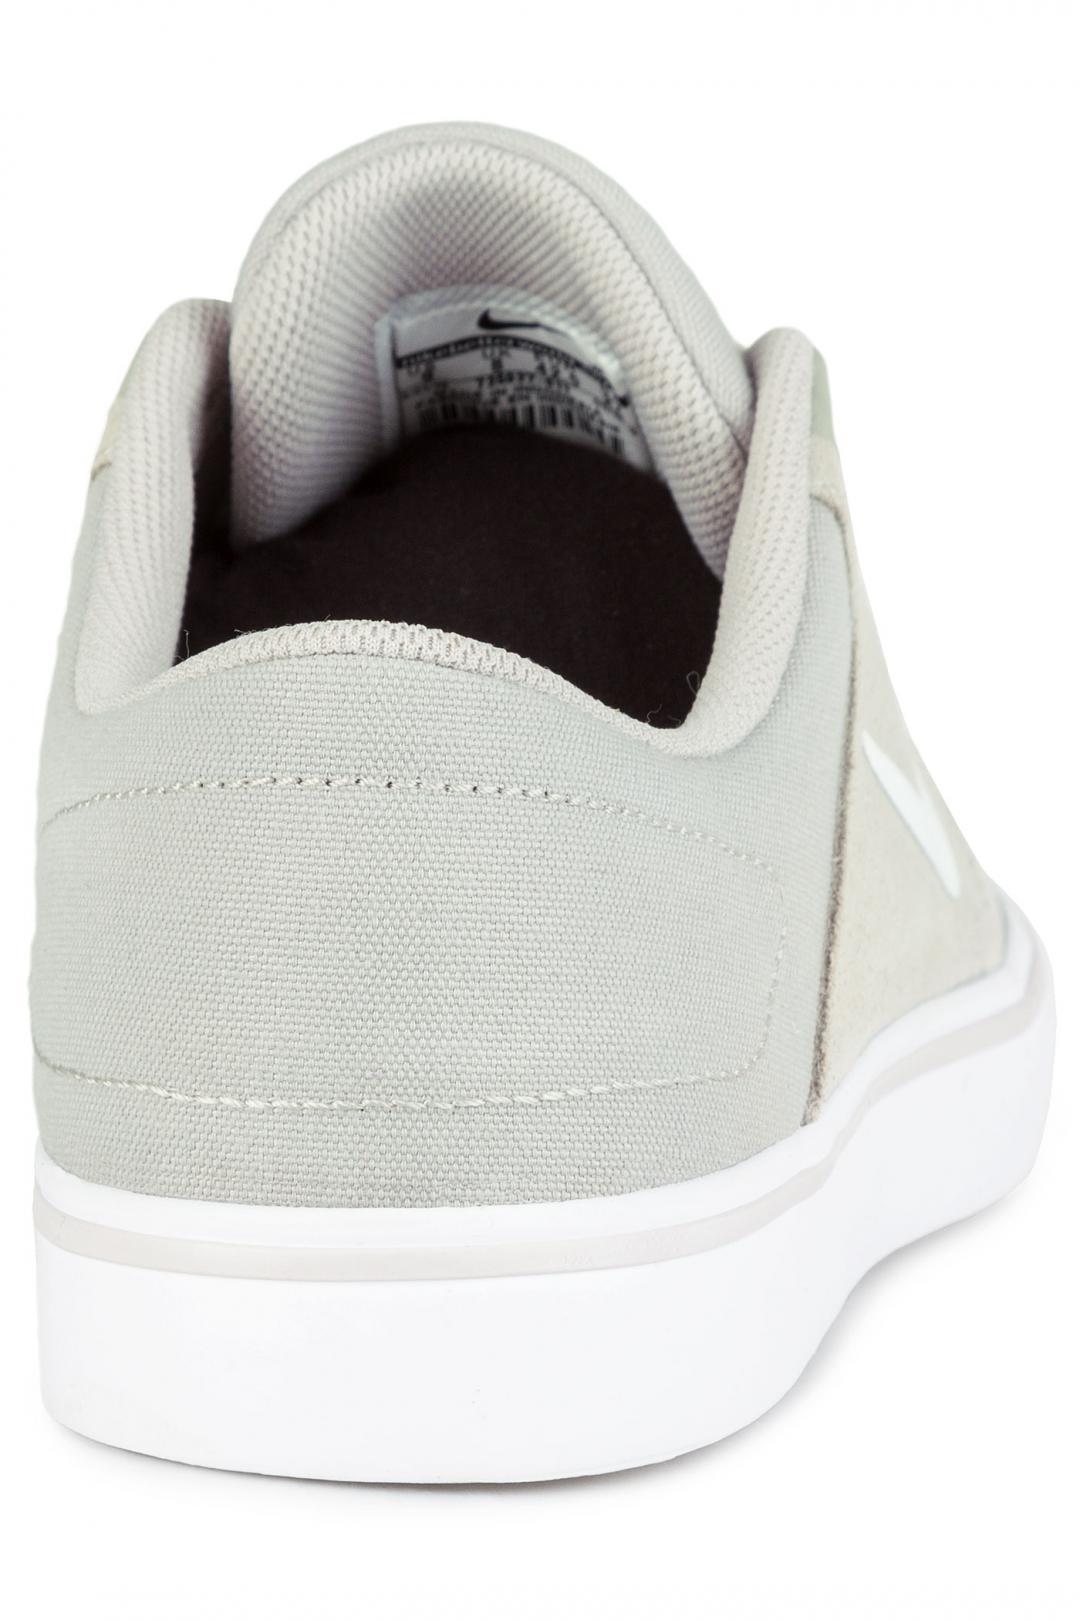 Uomo Nike SB Portmore pale grey white | Scarpe da skate